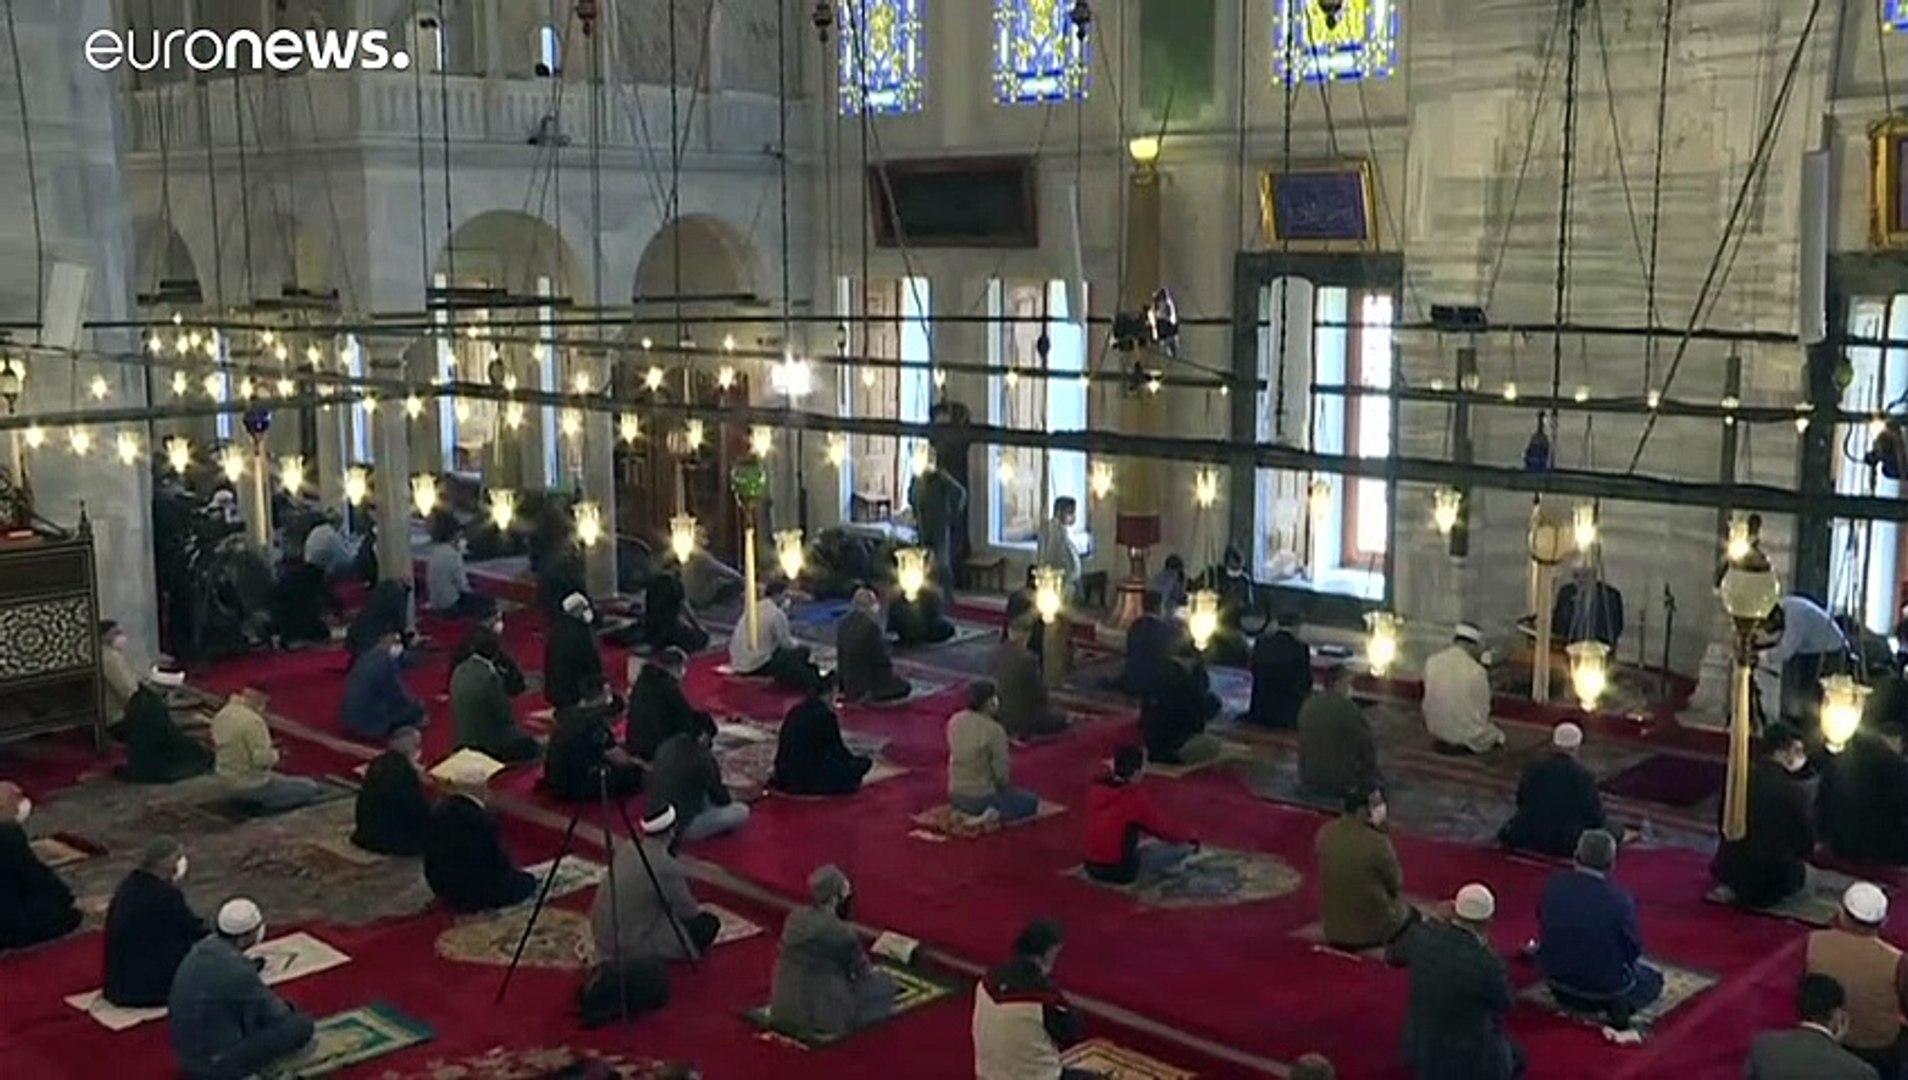 شاهد: المصلون في إسطنبول يؤدون صلاة الجمعة في مسجد الفاتح بعد نحو شهرين من الإغلاق